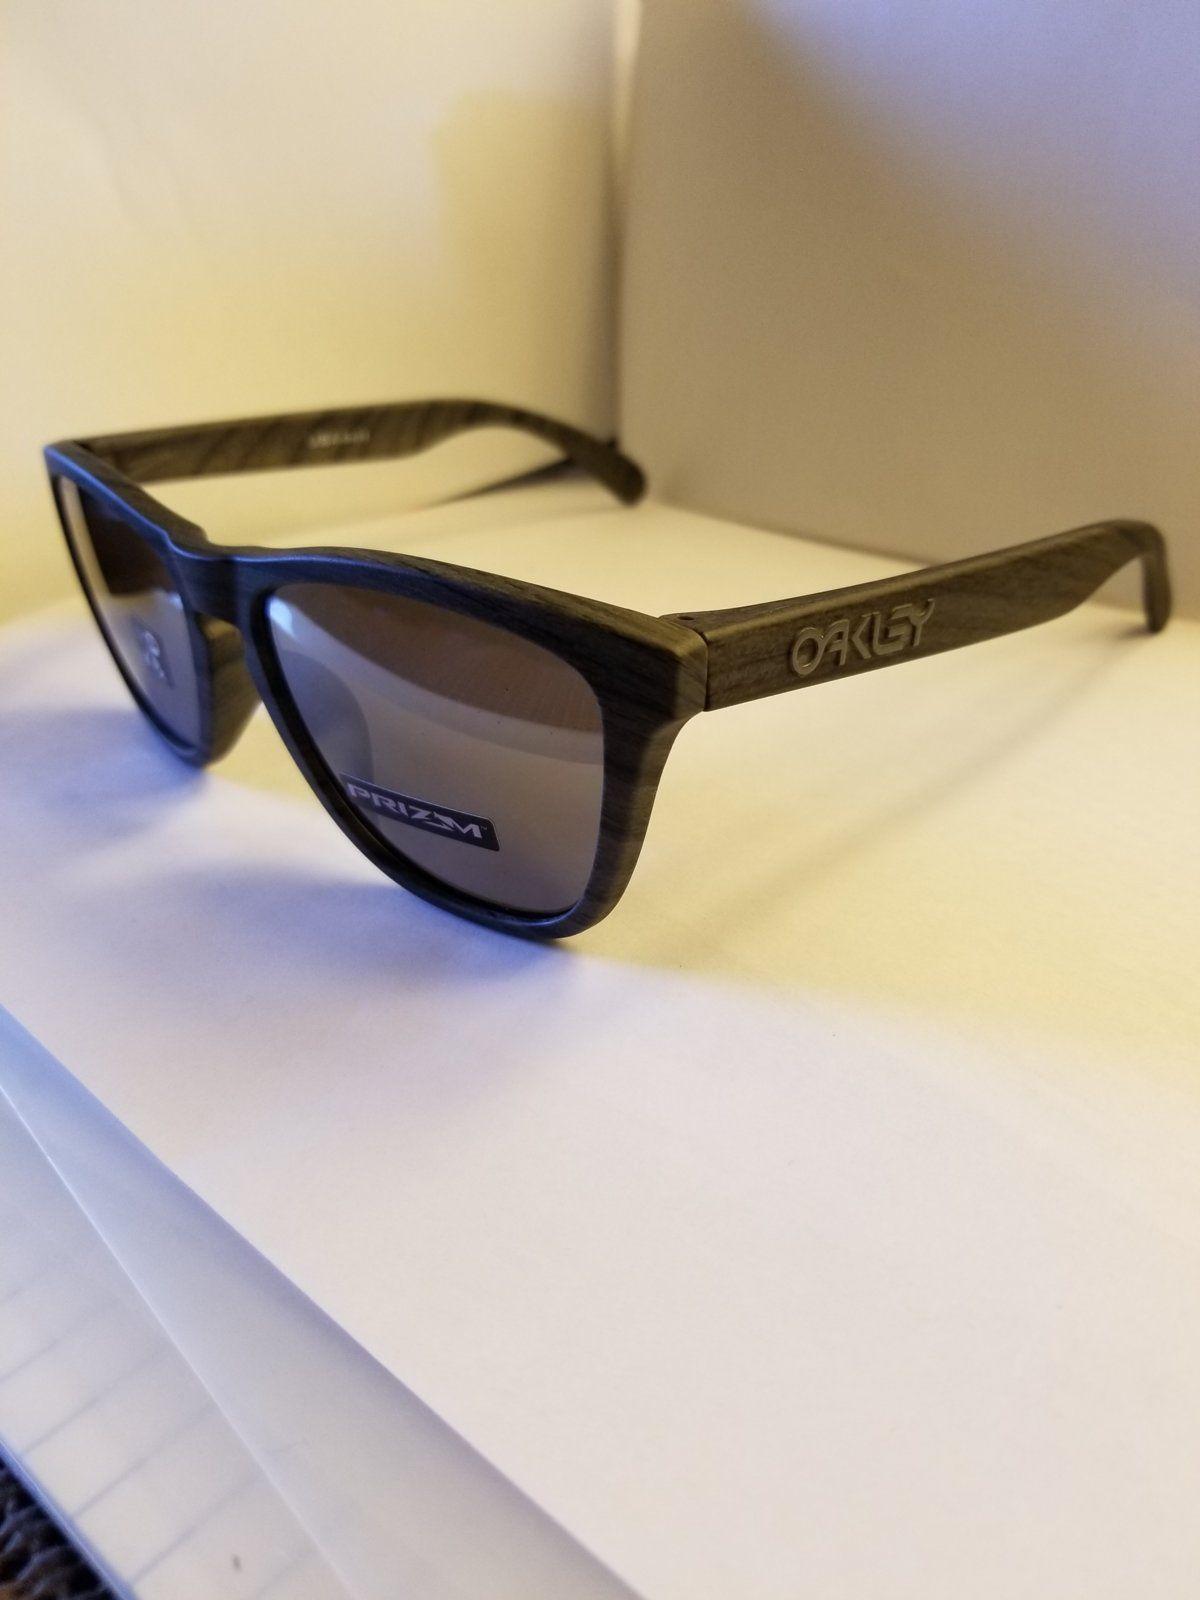 Oakley Sunglasses sale - 20190416_173100.jpg